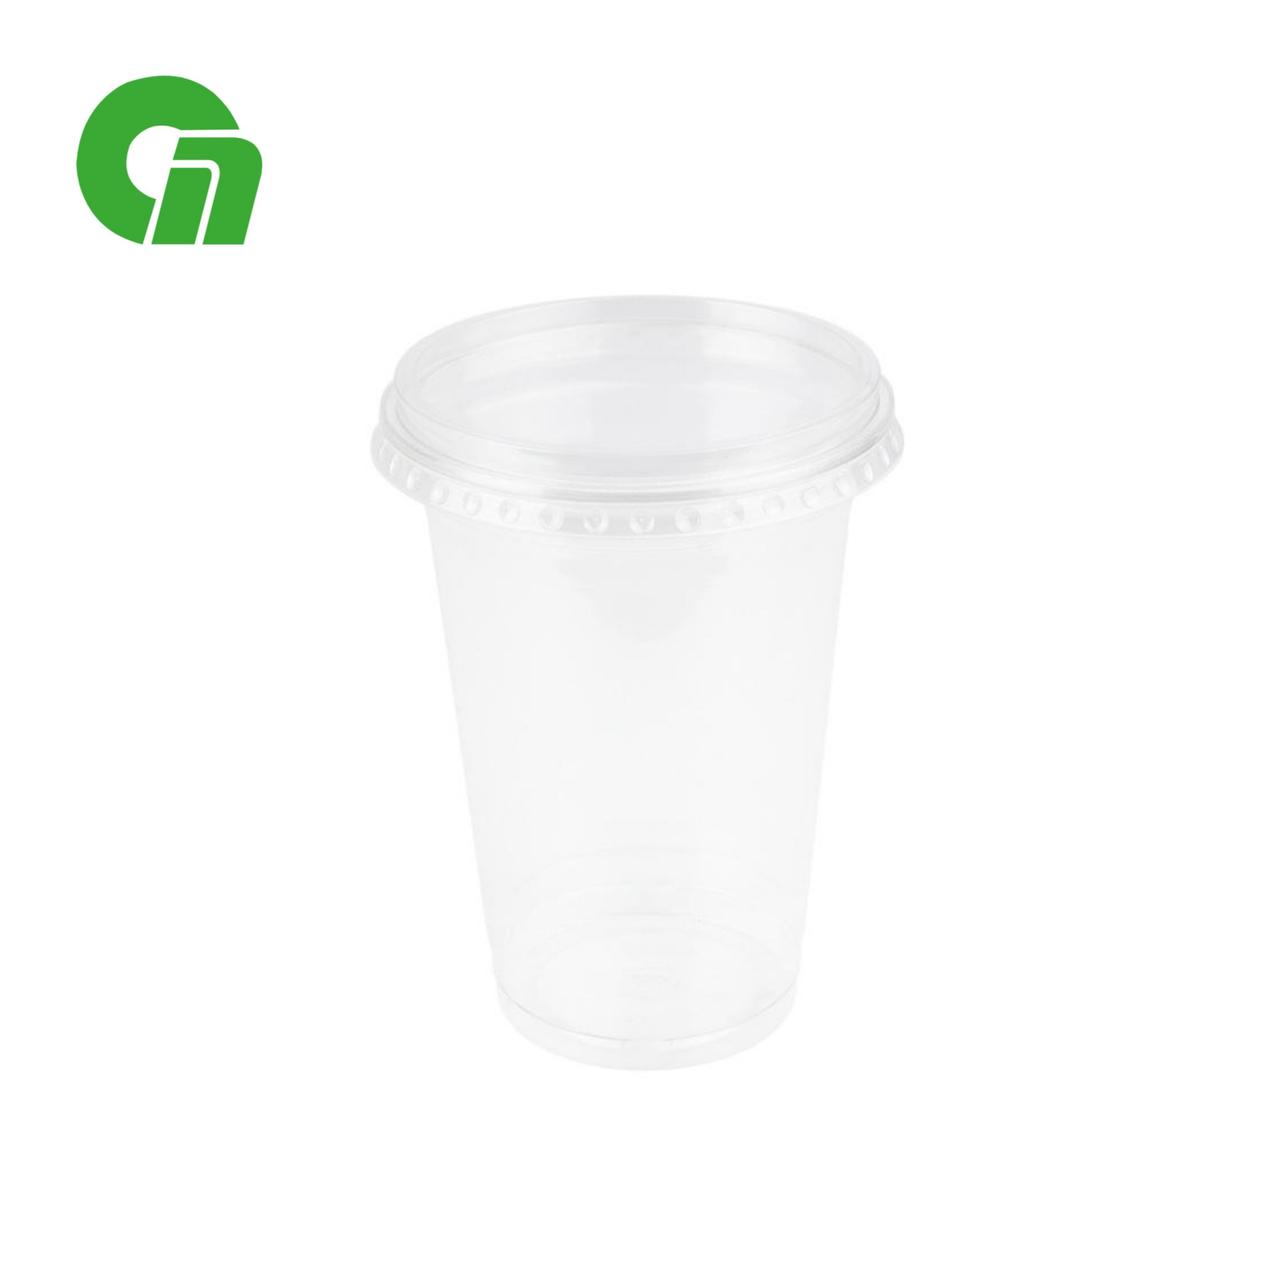 Стакан для коктейлей, пластиковый, с плоской крышкой (с отверстием) - шейкер 400 мл (16 OZ) ПЭТ (50/1000)